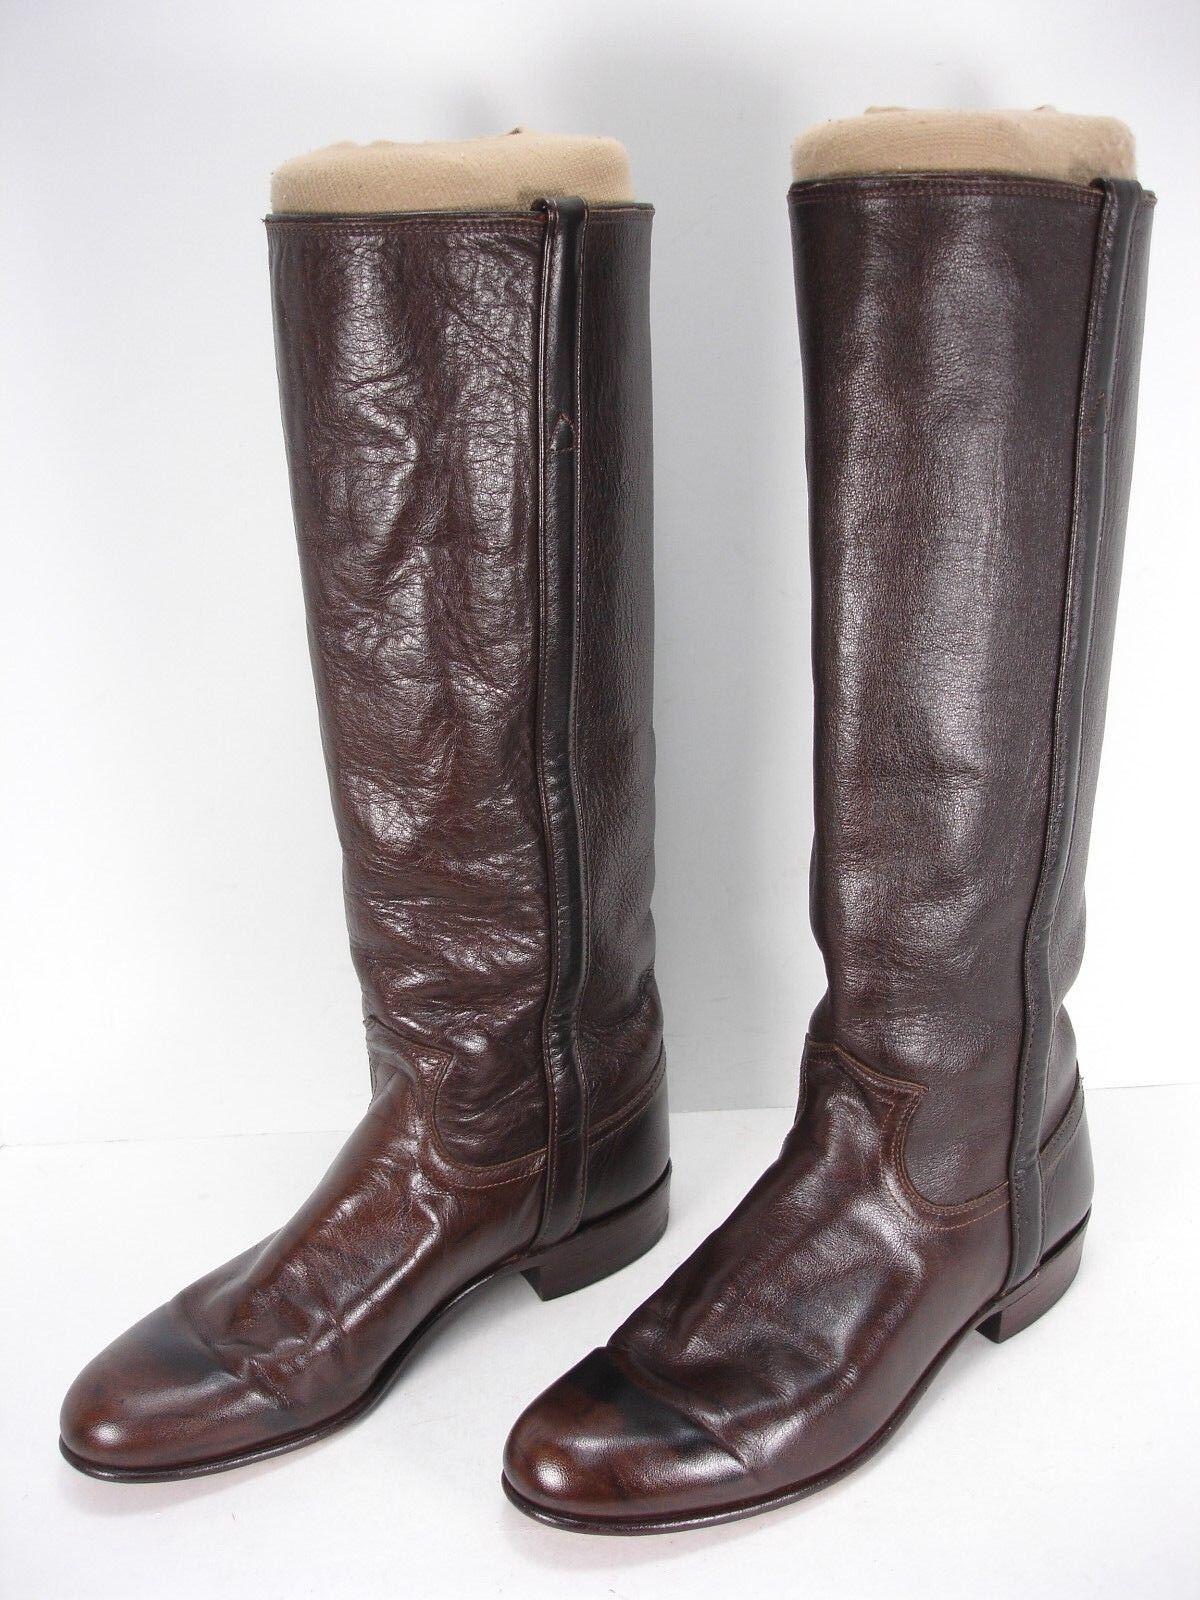 Justin L3737 marrón jaspeado botas de vaquero occidental de de de cuero Roper de alto para mujer 6 B  a la venta